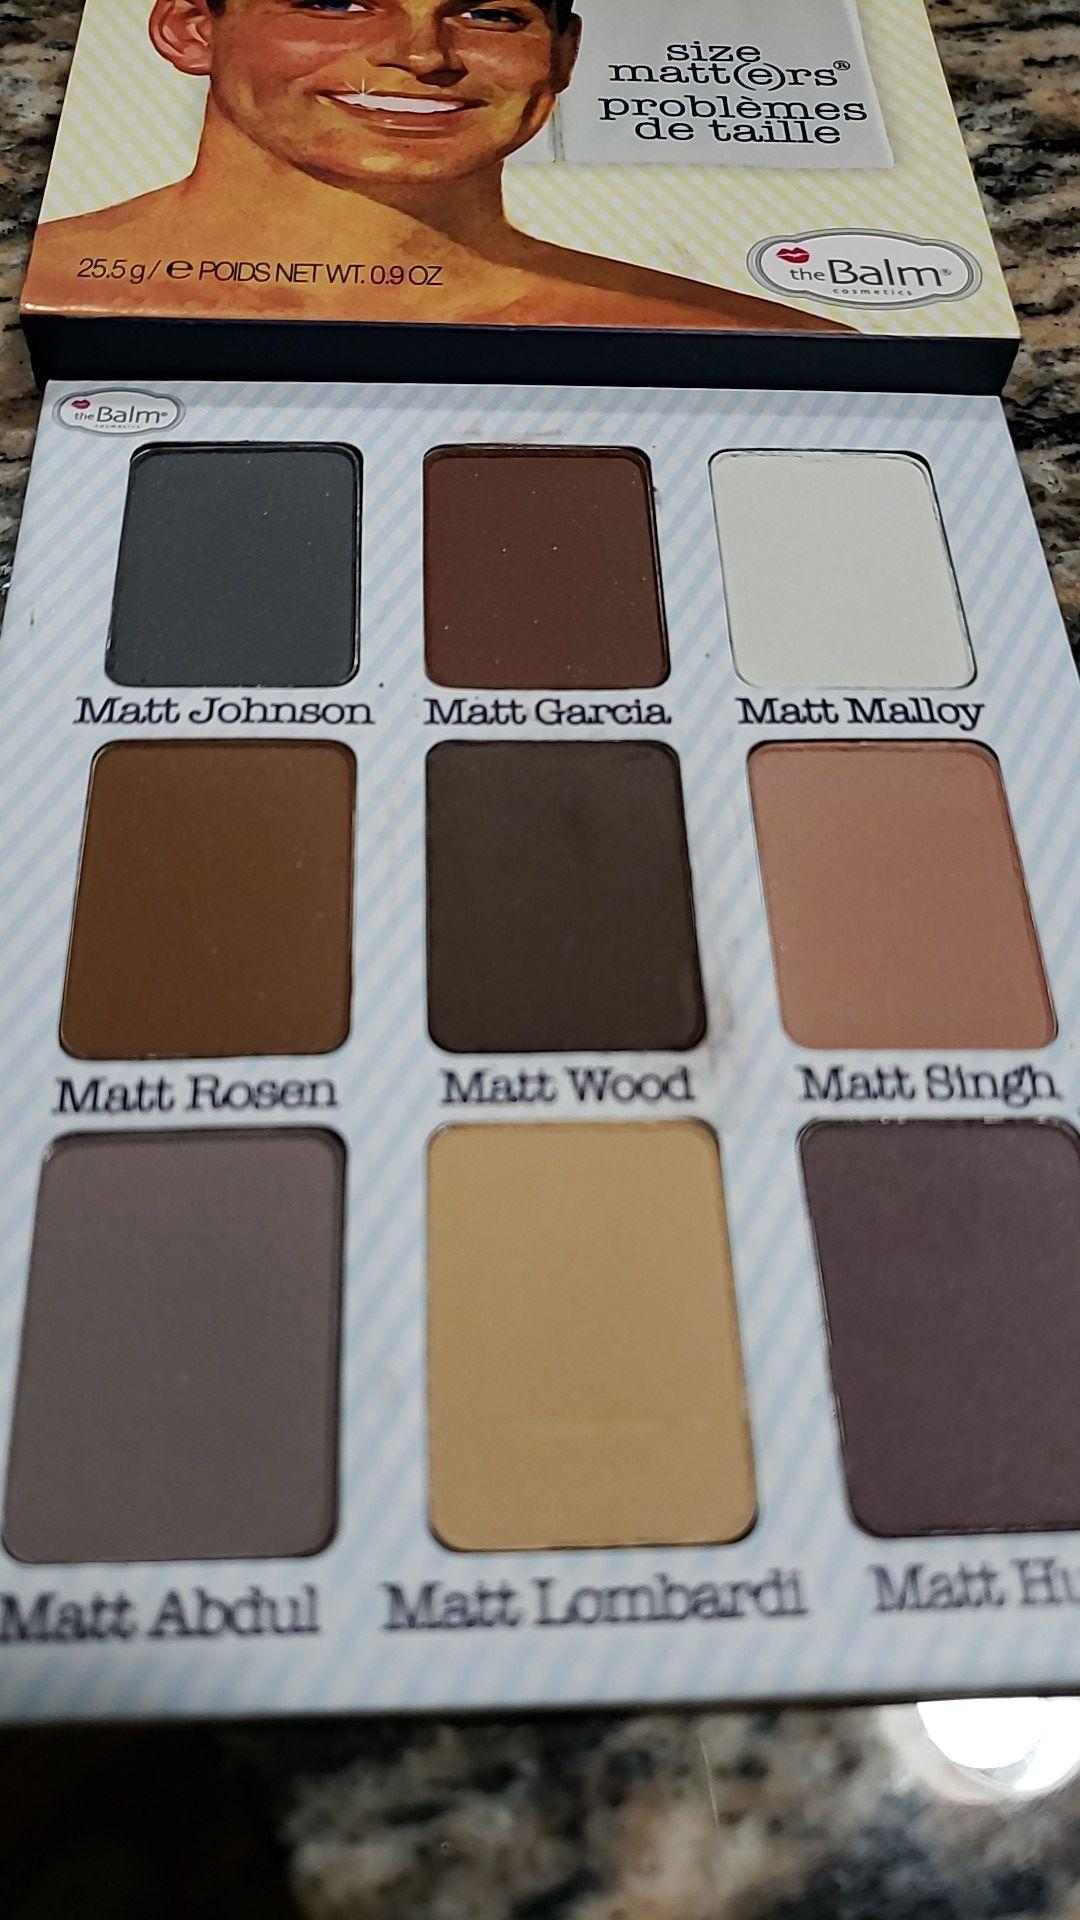 THE BALM meet Matt nude eyeshadow palette